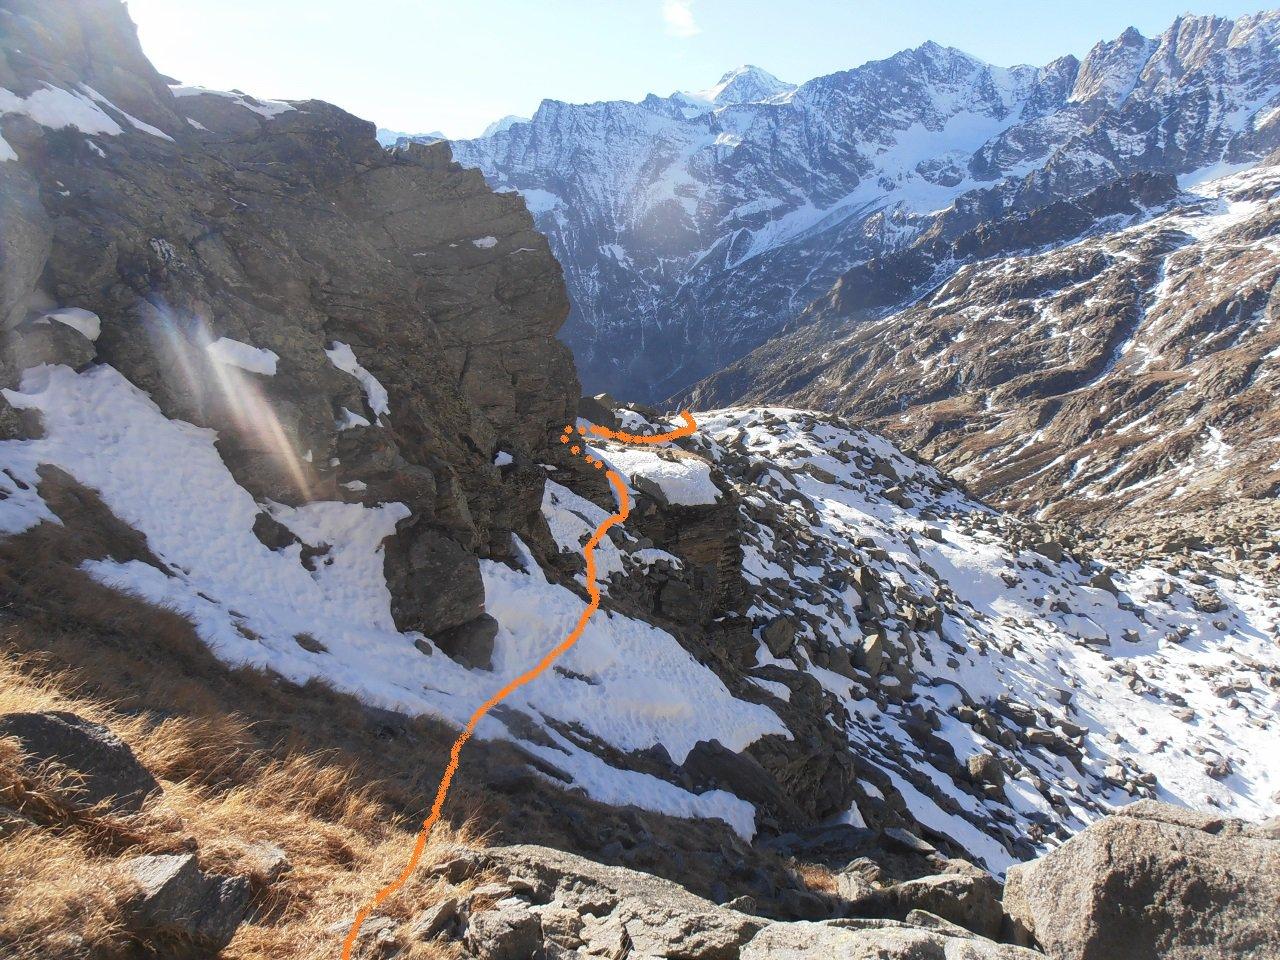 05 - il sentiero normale passa su cengie esposte, disagevoli con neve